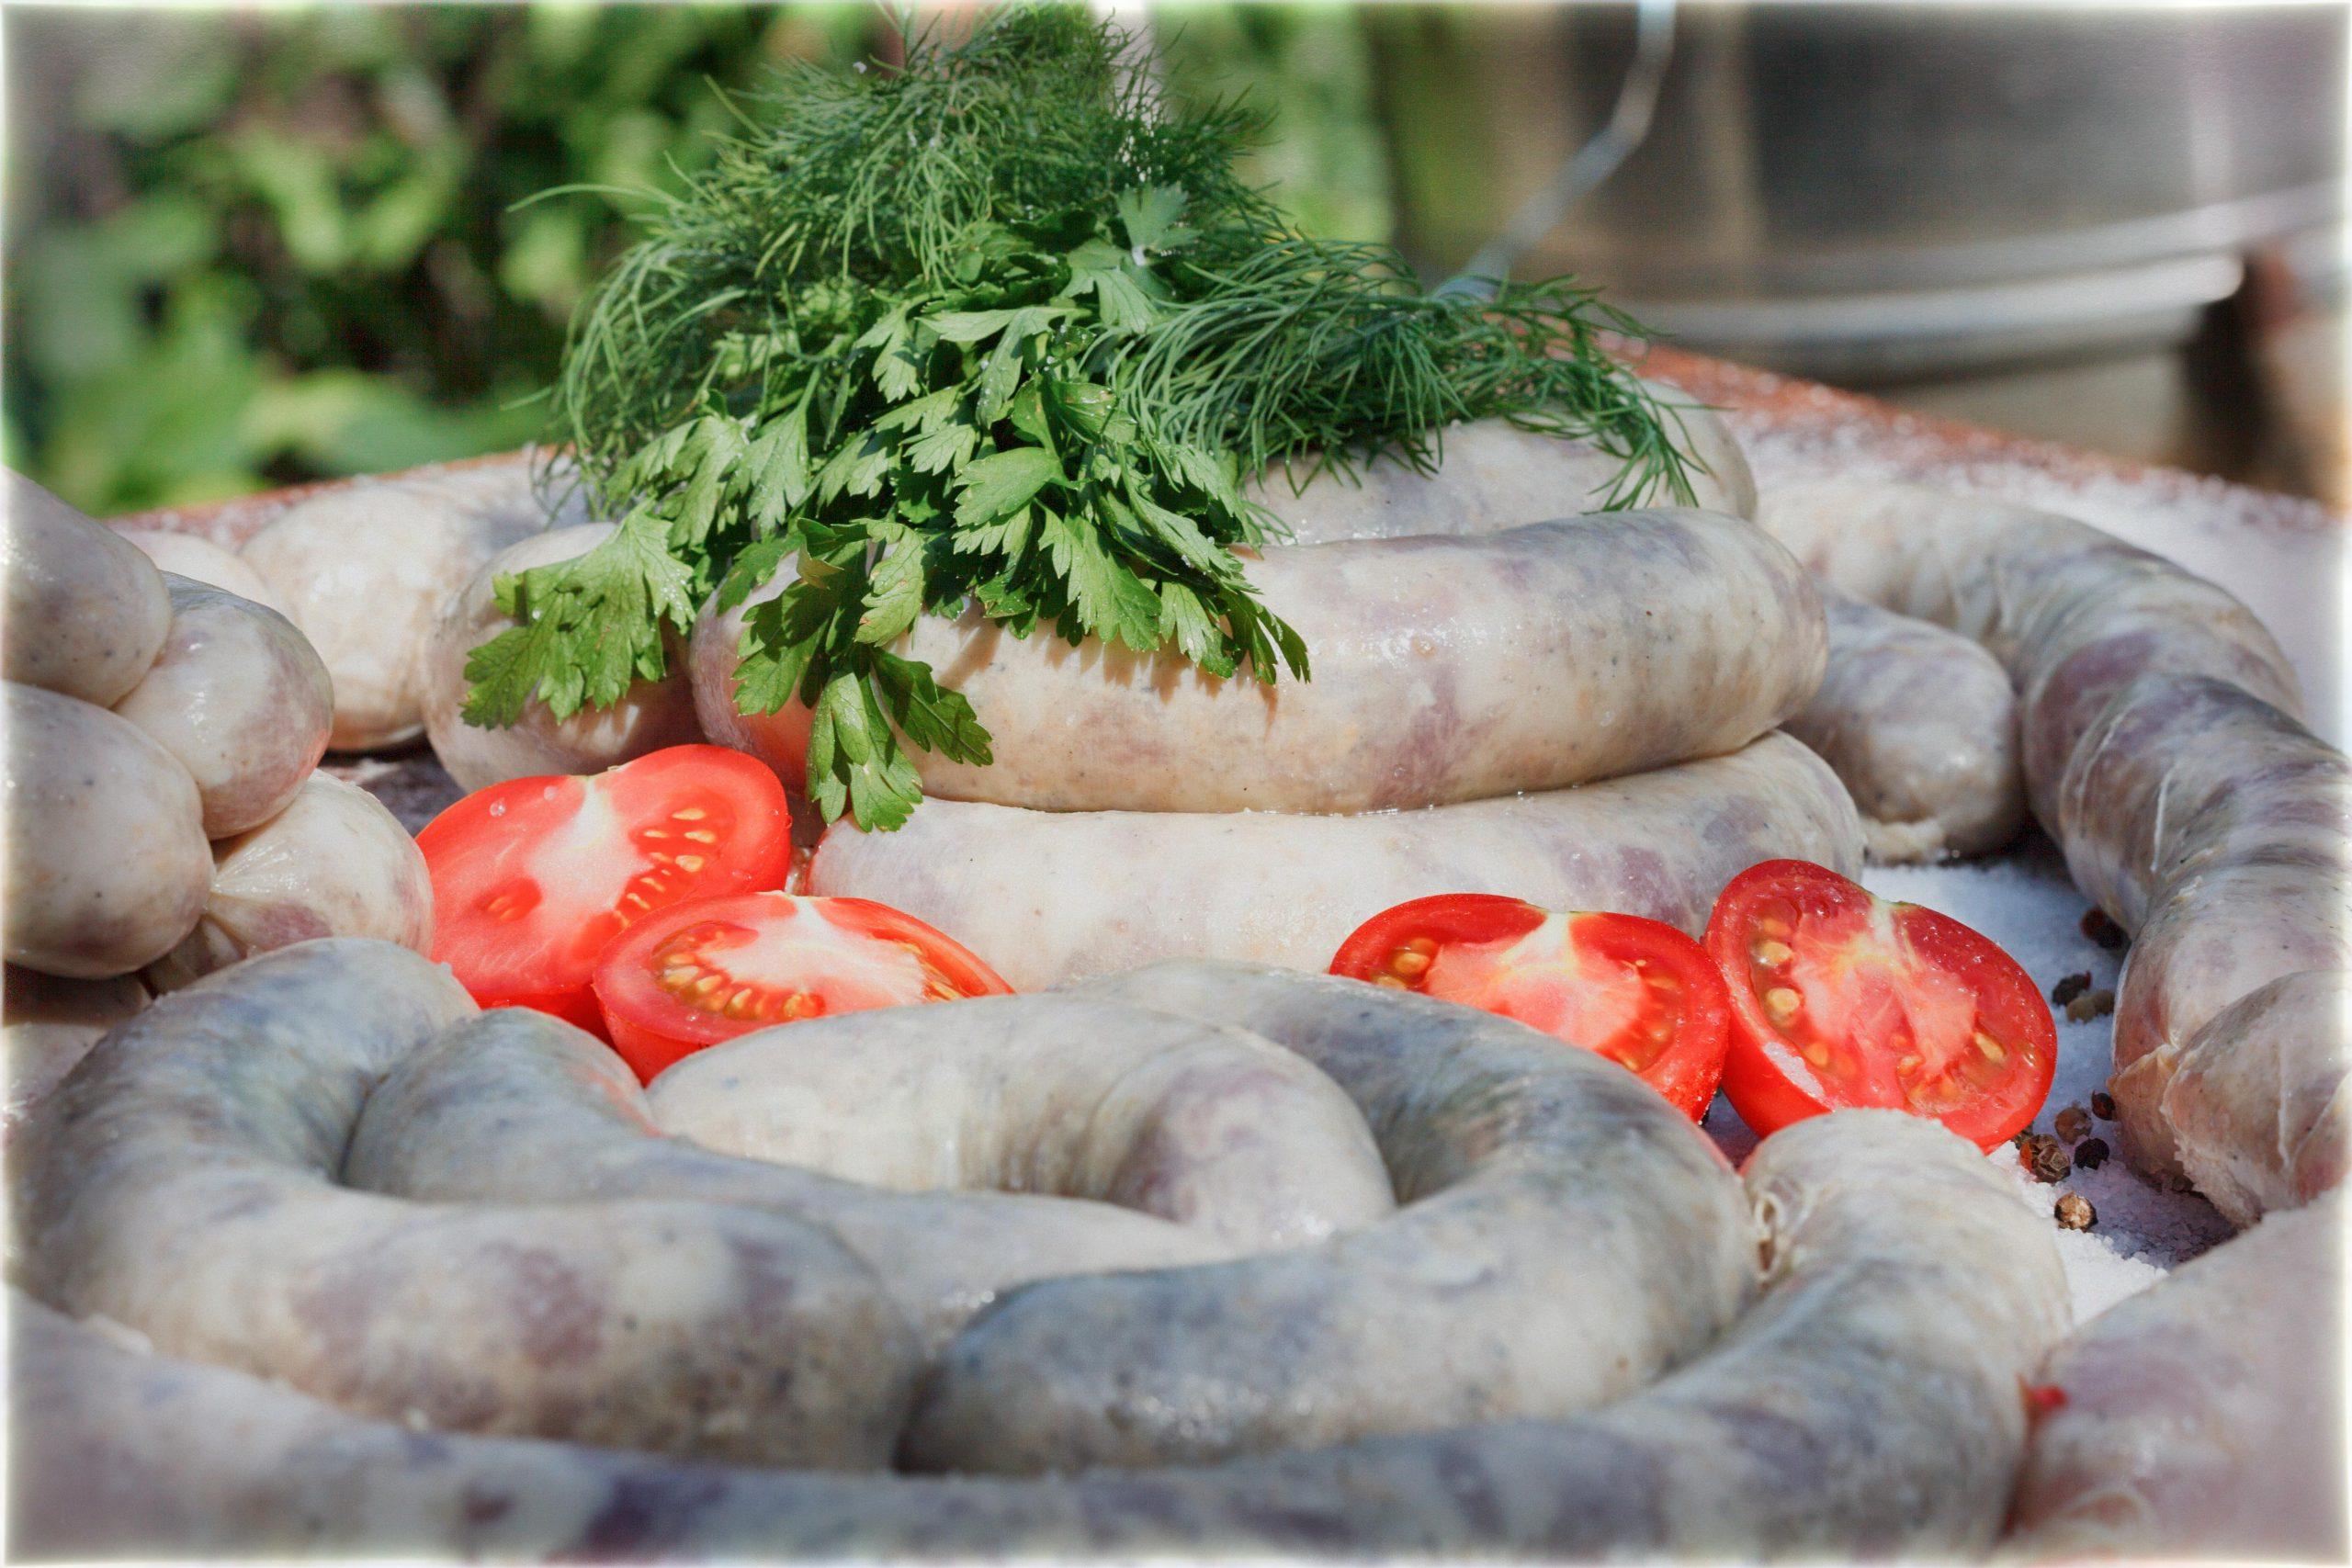 Черева говяжья, чероева сниваня, черева баранья - натуральная оболчока для колбасы купить в москве от производителя